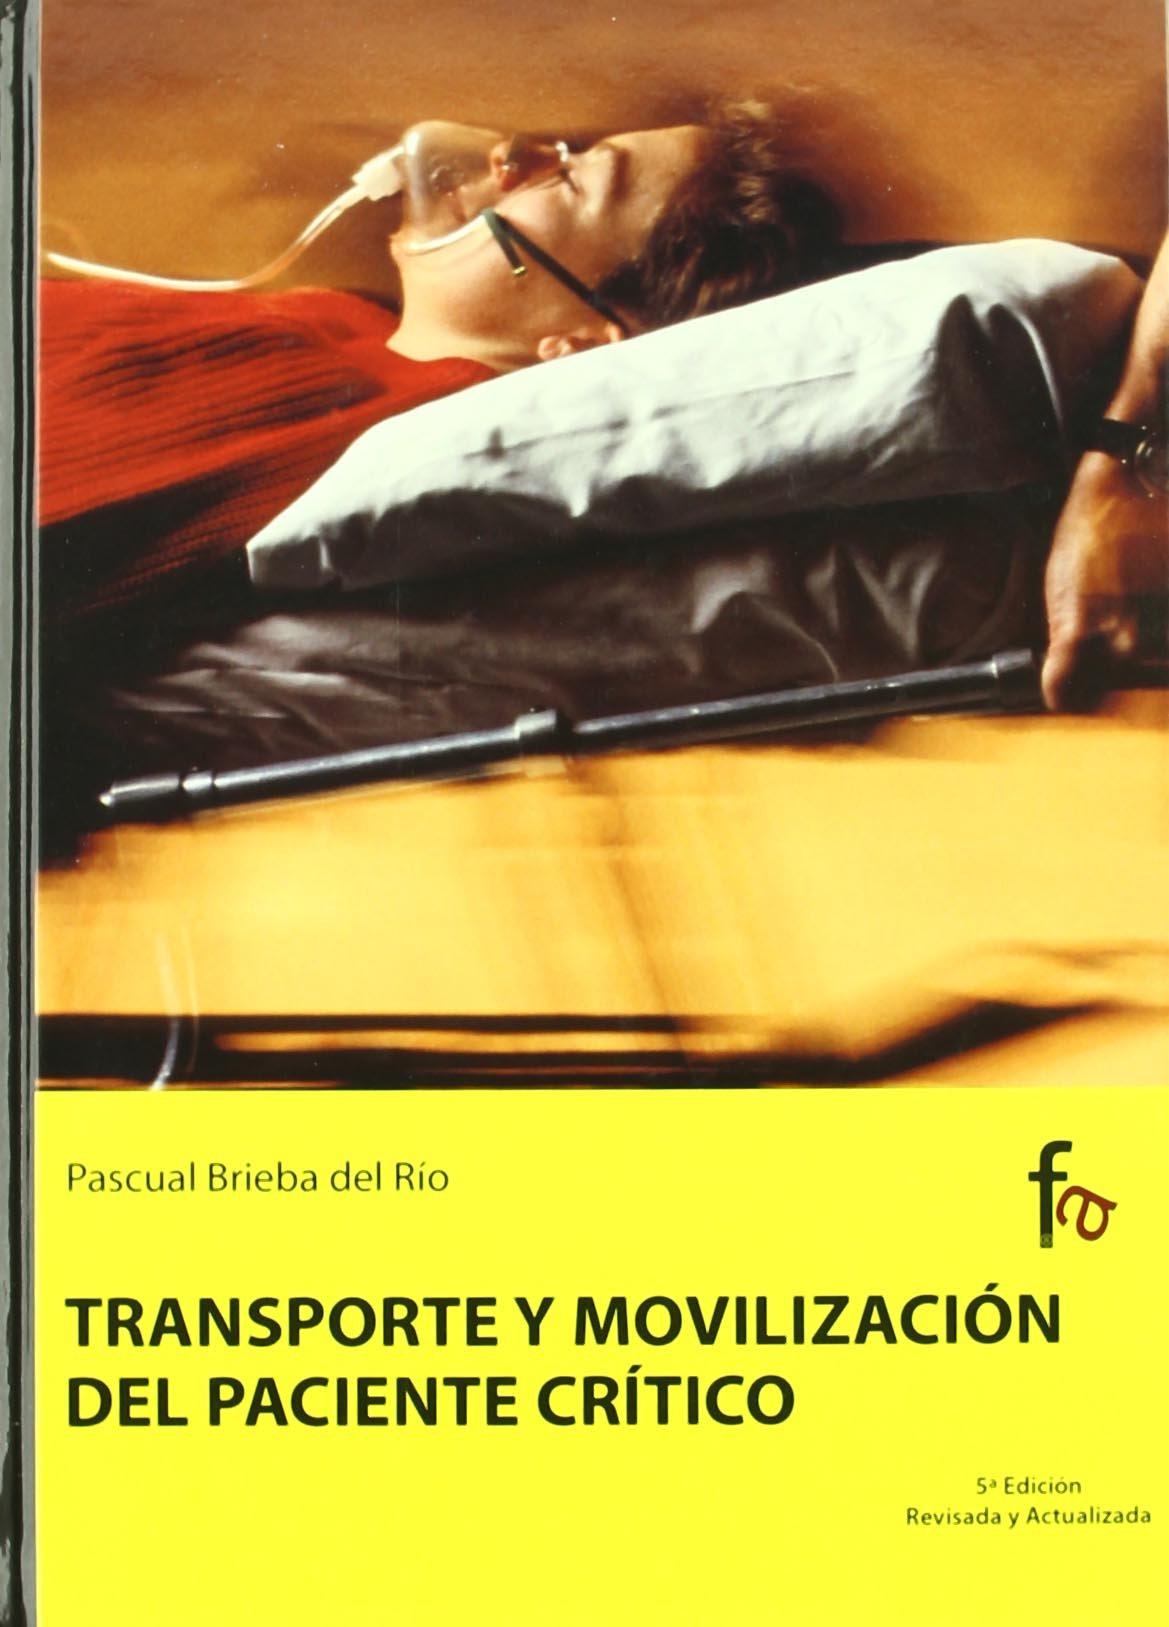 Trasporte y movilizacion del paciente critico-5º edi (Spanish Edition)